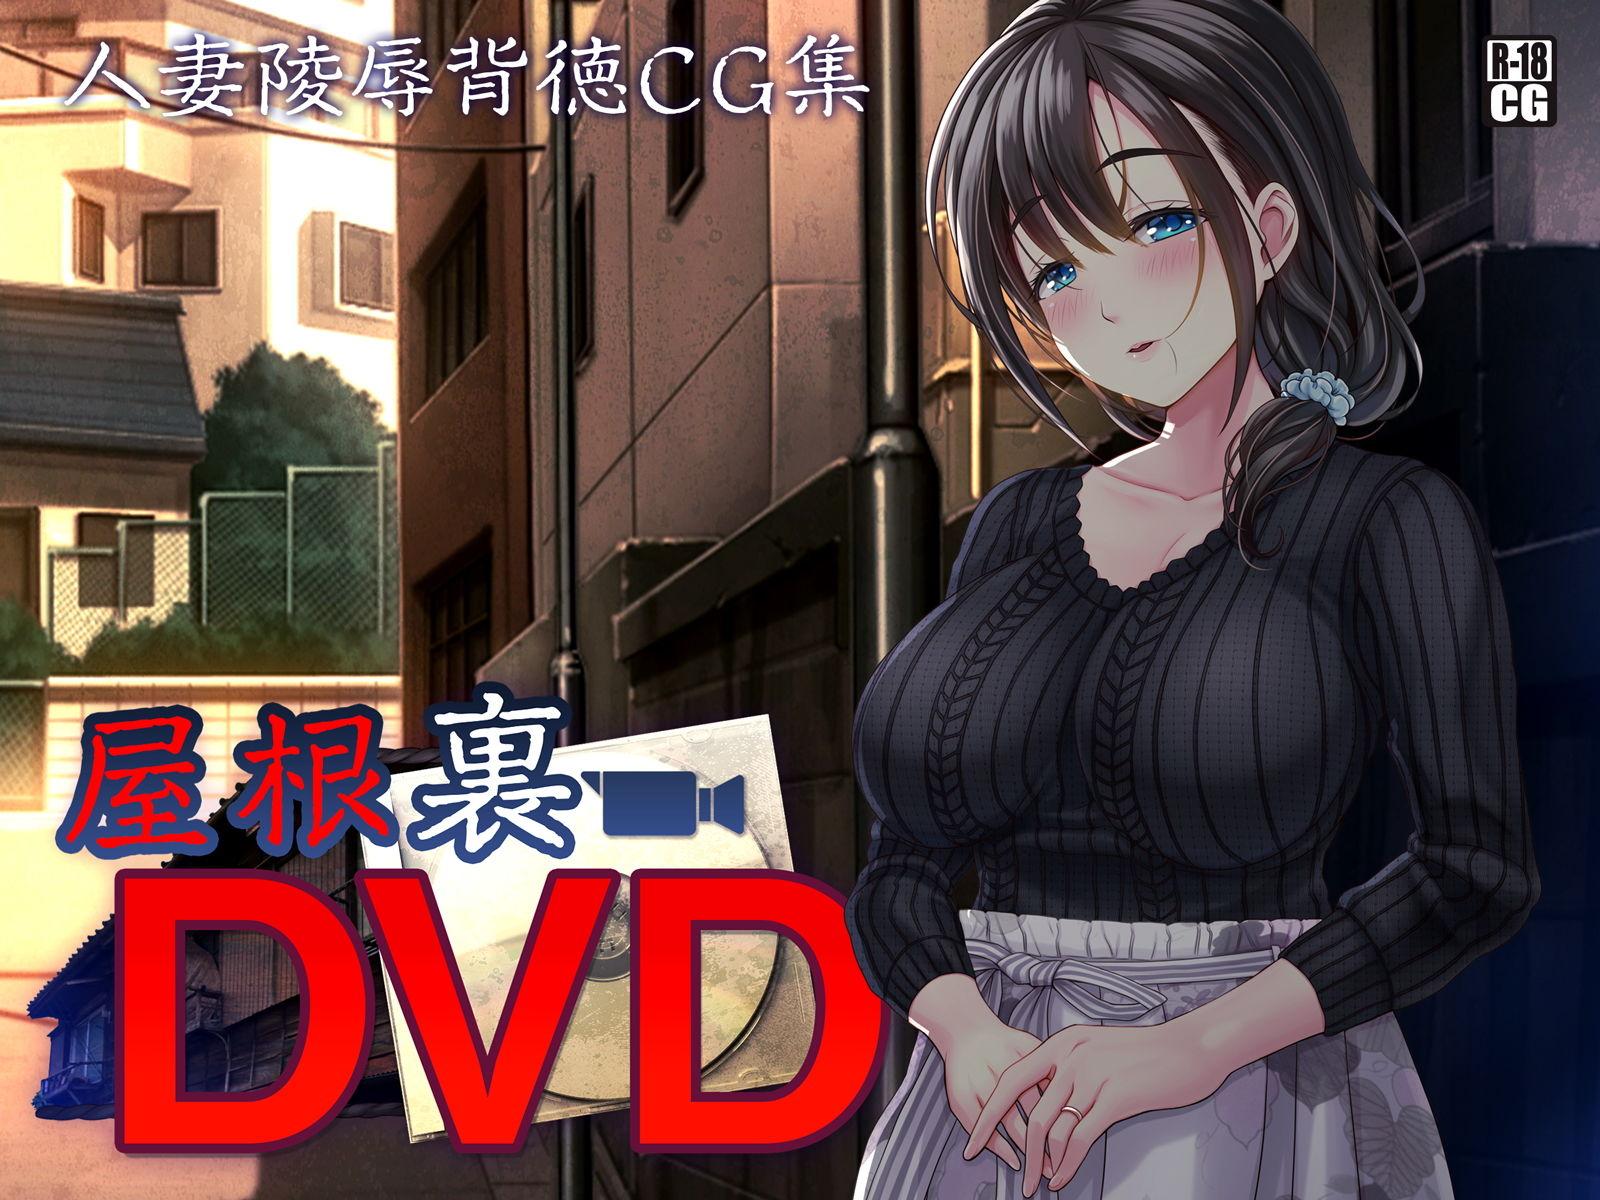 屋根裏DVD ~中出し専用人妻物件 入居者募集中~